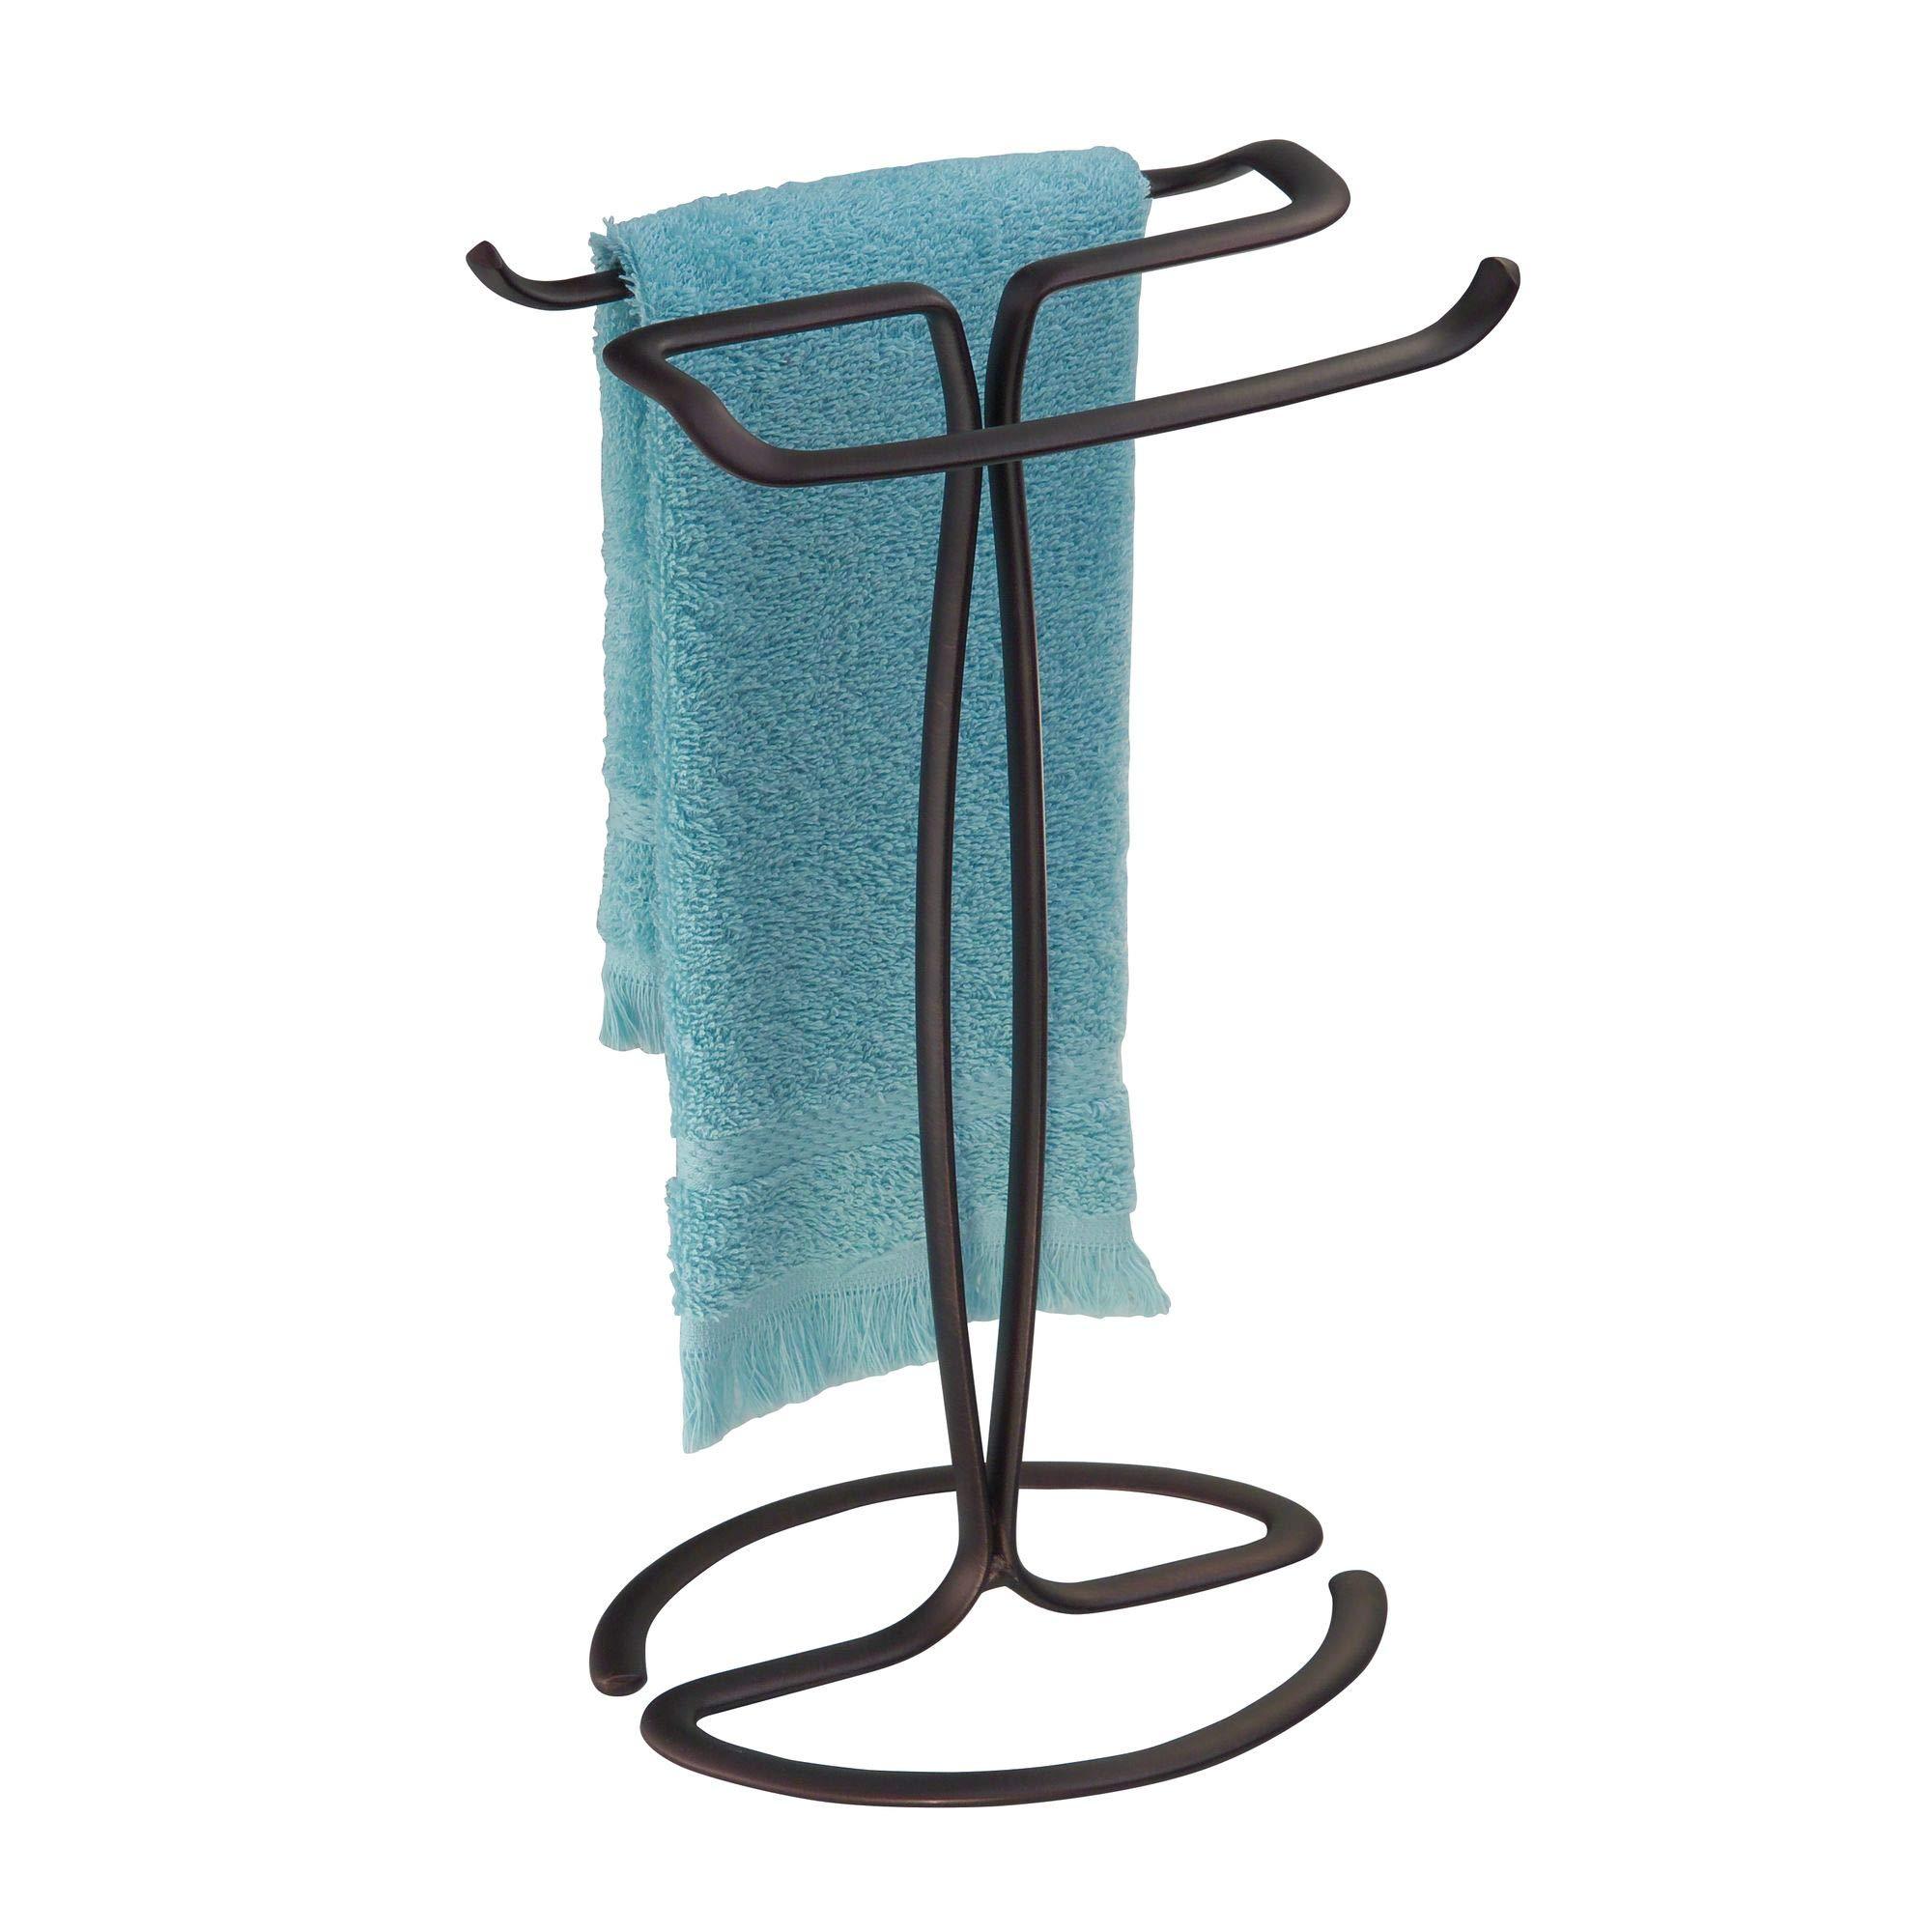 iDesign Axis Metal Hand Towel Holder for Master Bathroom, Vanities, Countertops, Kitchen, Holds 2 Finger Tip, Bronze